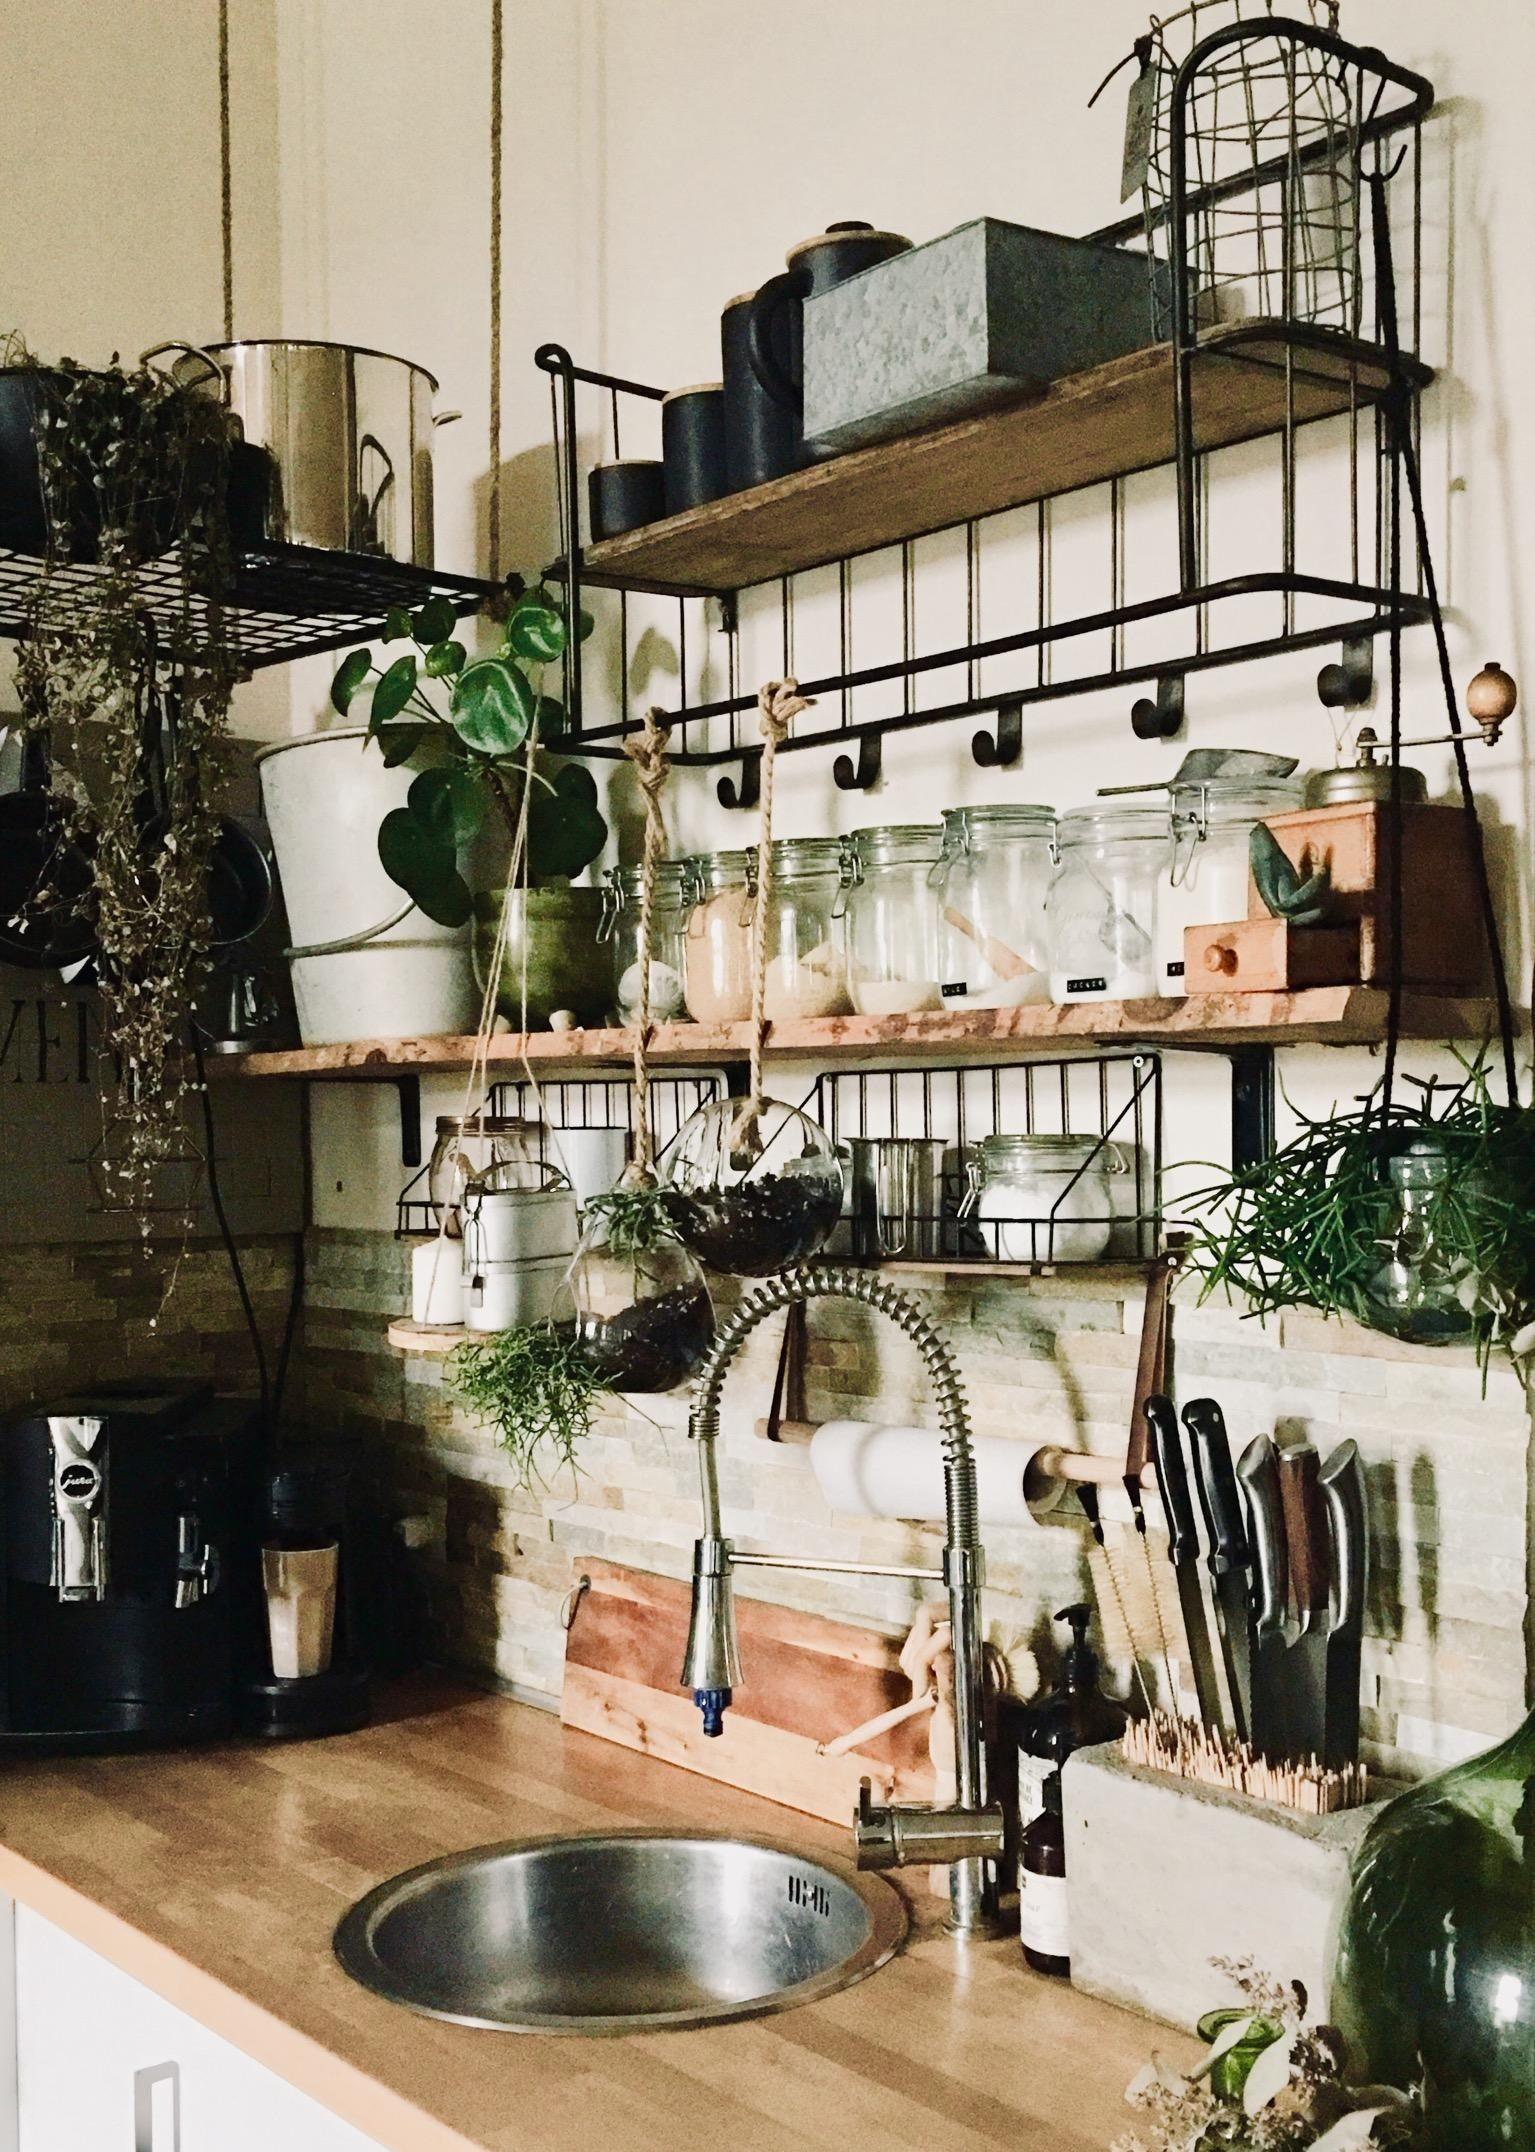 Küche k design guten morgen couchcommunity kaffeeurbanjunglek  wohnen im